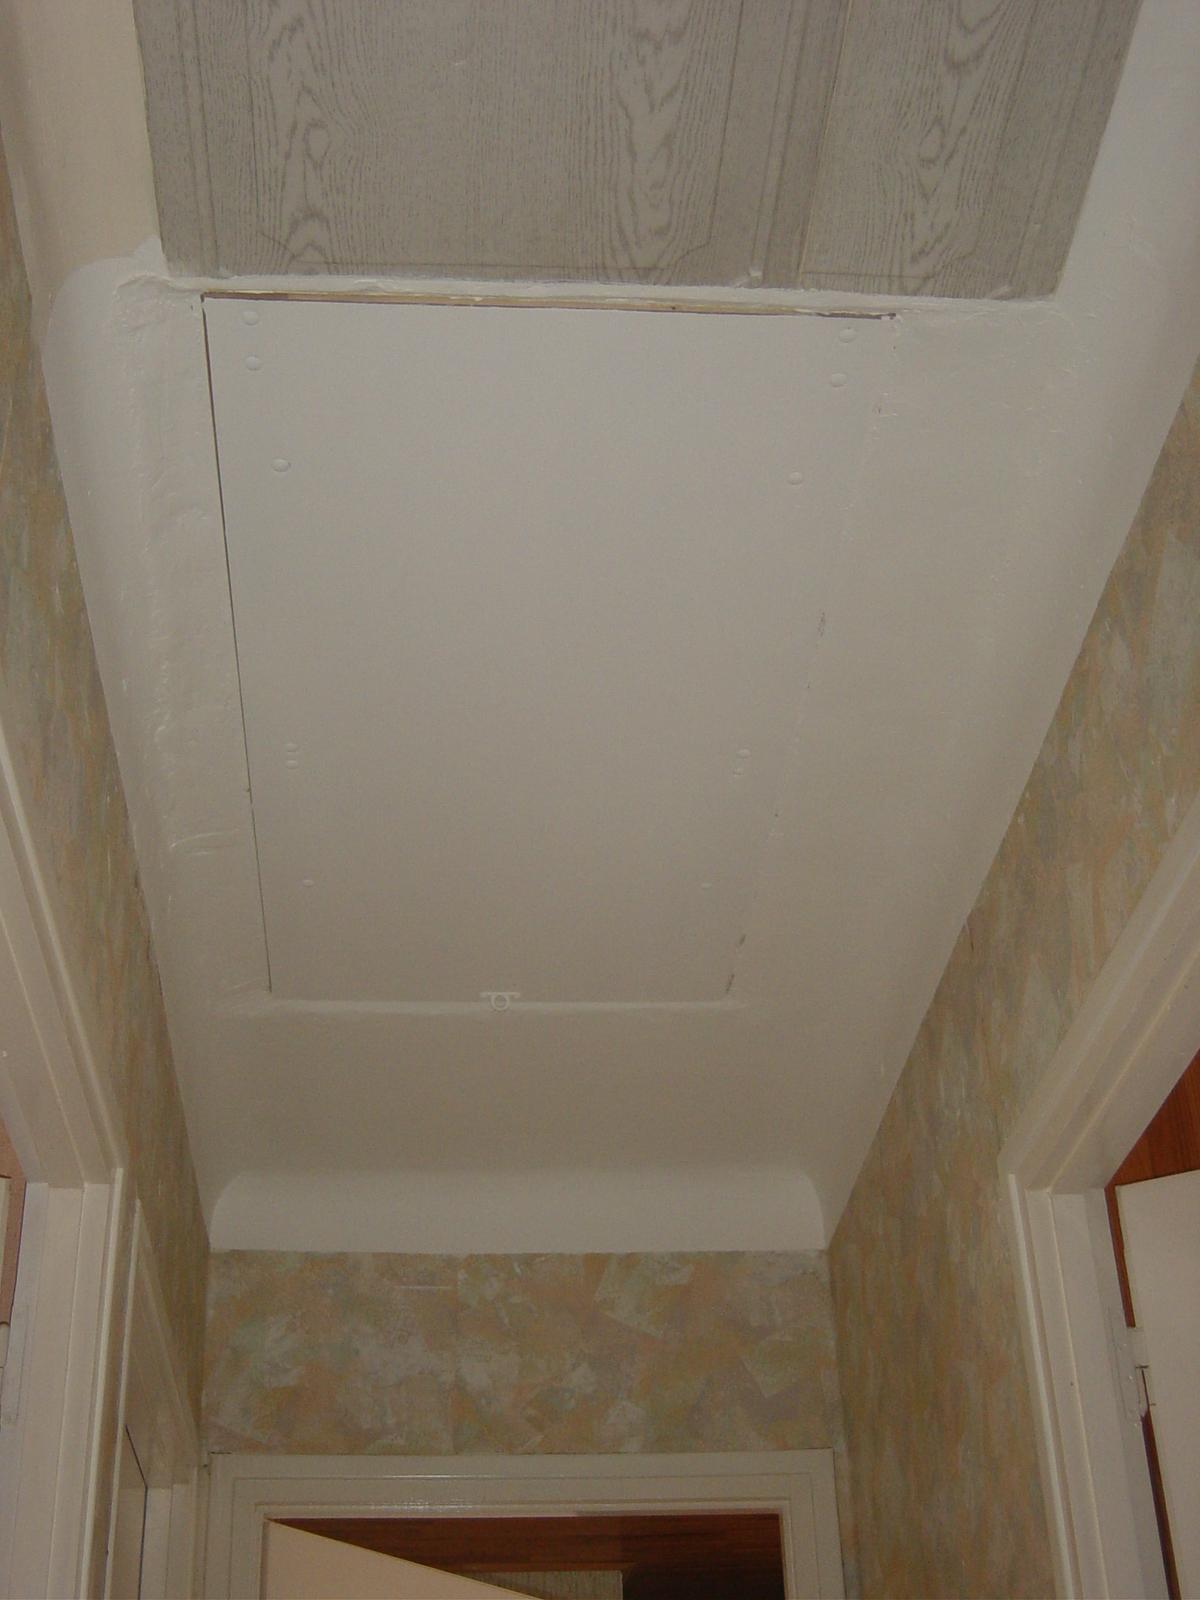 Pose d un escalier escamotable 110523 for Pose escalier escamotable leroy merlin